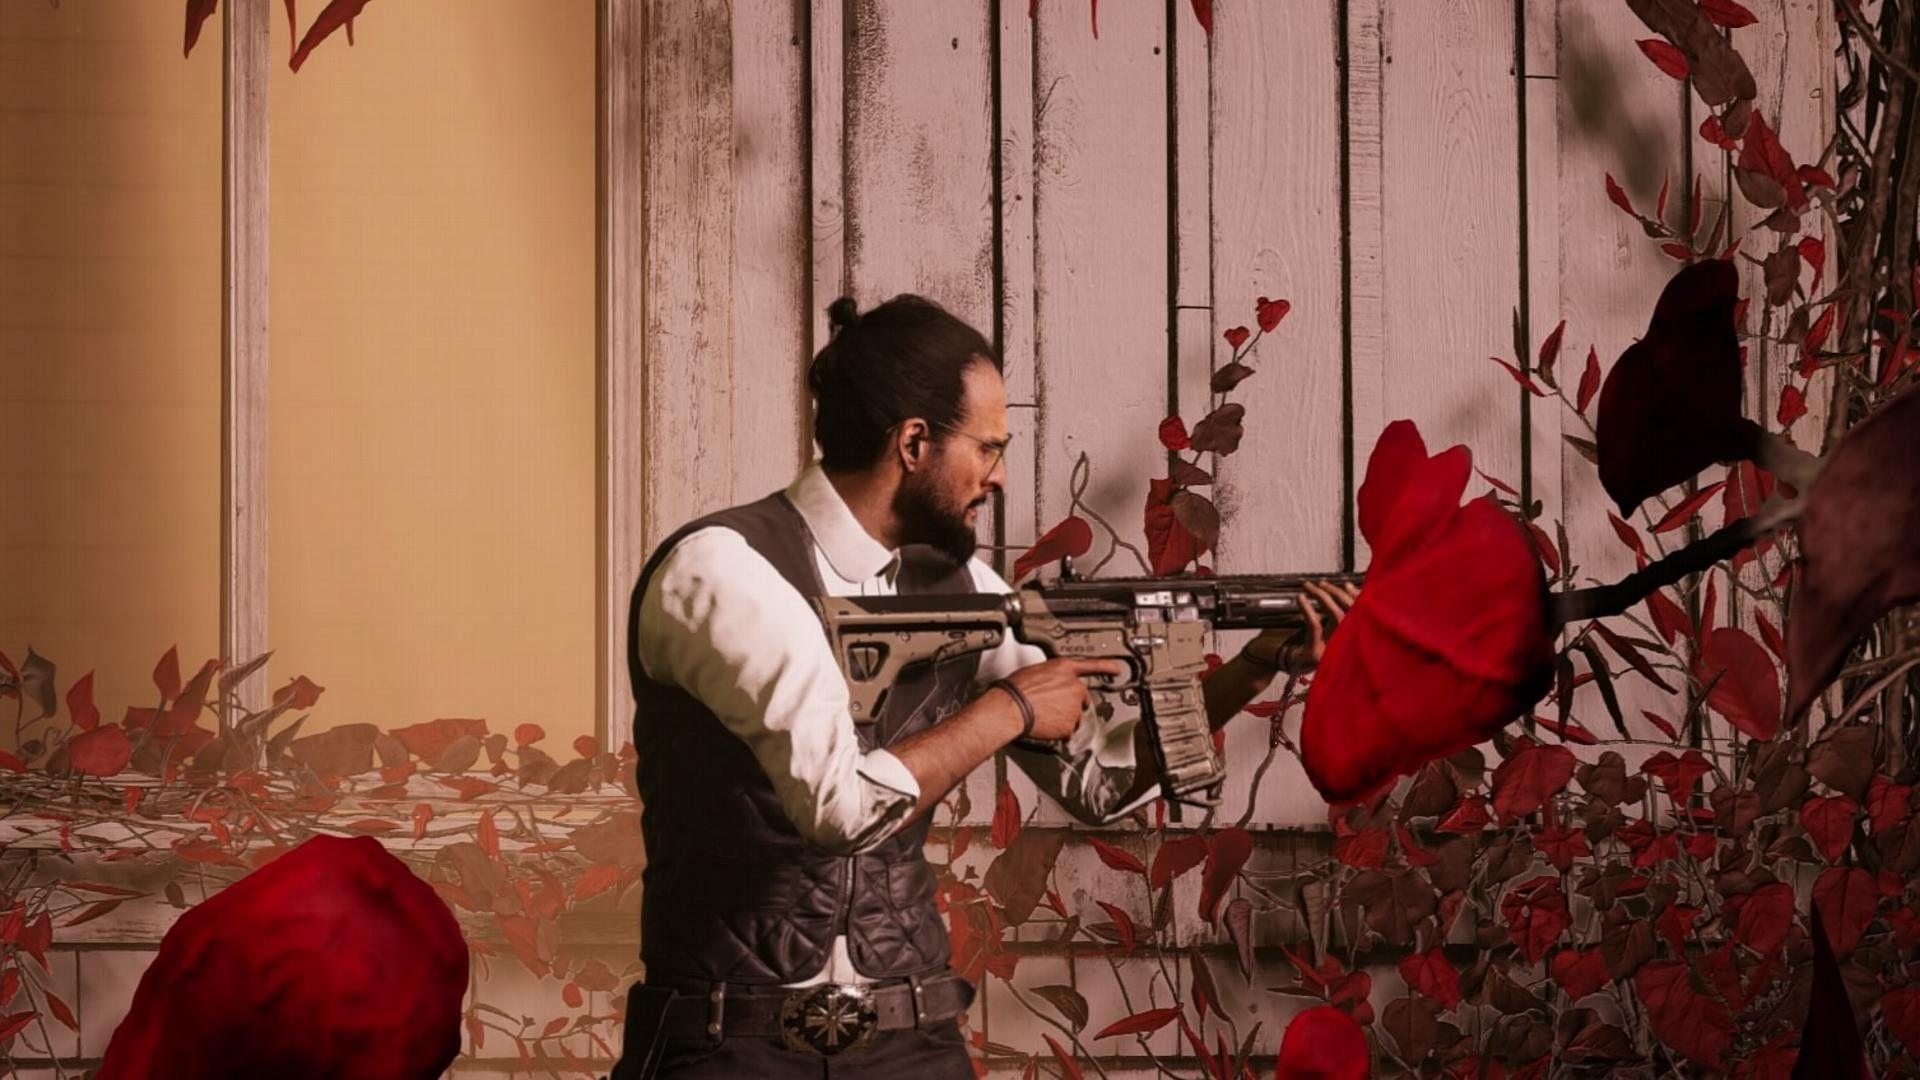 Far Cry 5 Joseph Seed Fanart New Dawn John Jacob Faith Deputy Gaming Playstation Ps4 Ubisoft Far Cry 5 Ubisoft Fan Art